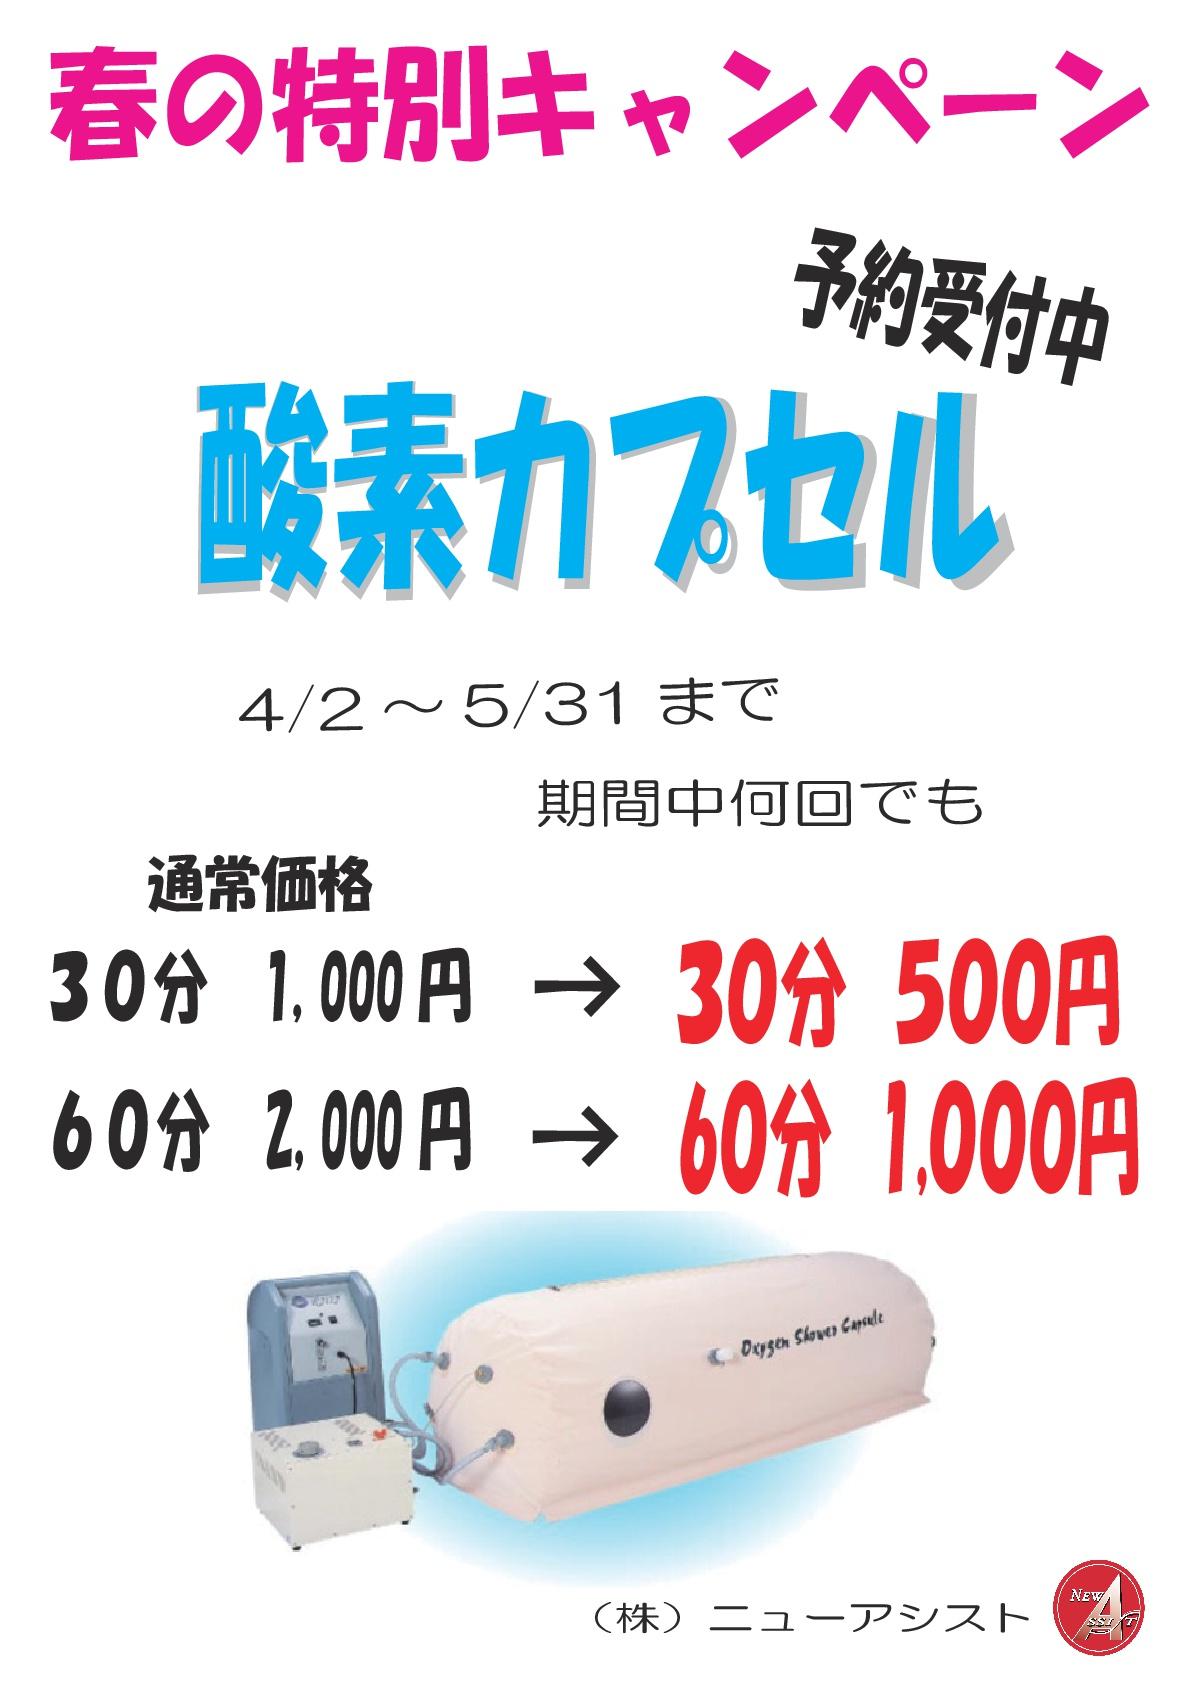 酸素カプセルキャンペーン-チラシ コピー-001